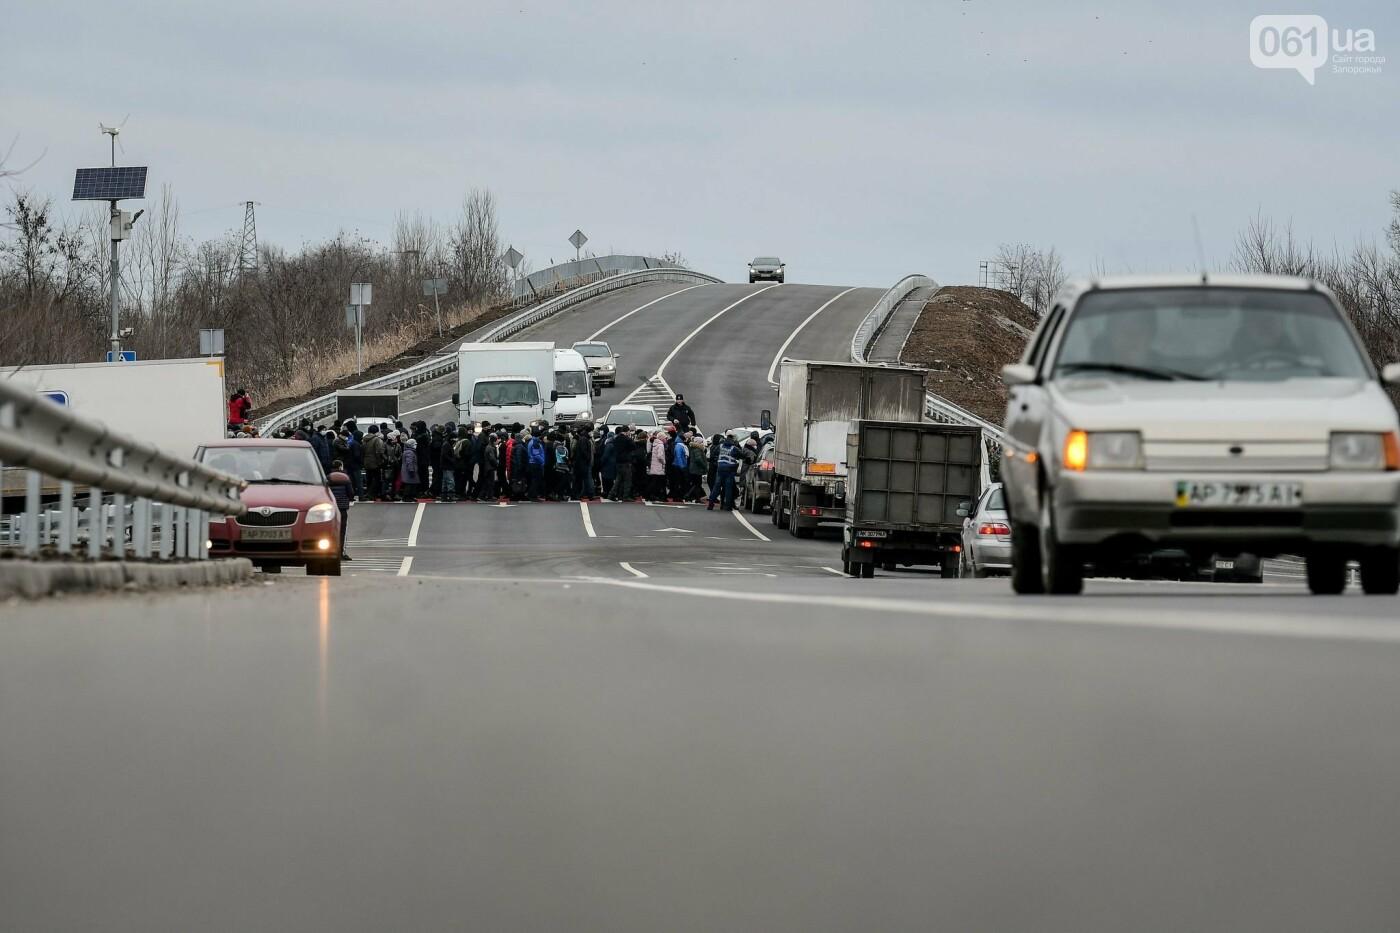 Жители Вольнянска перекрыли трассу и ждут губернатора, - ФОТО, ВИДЕО , фото-11